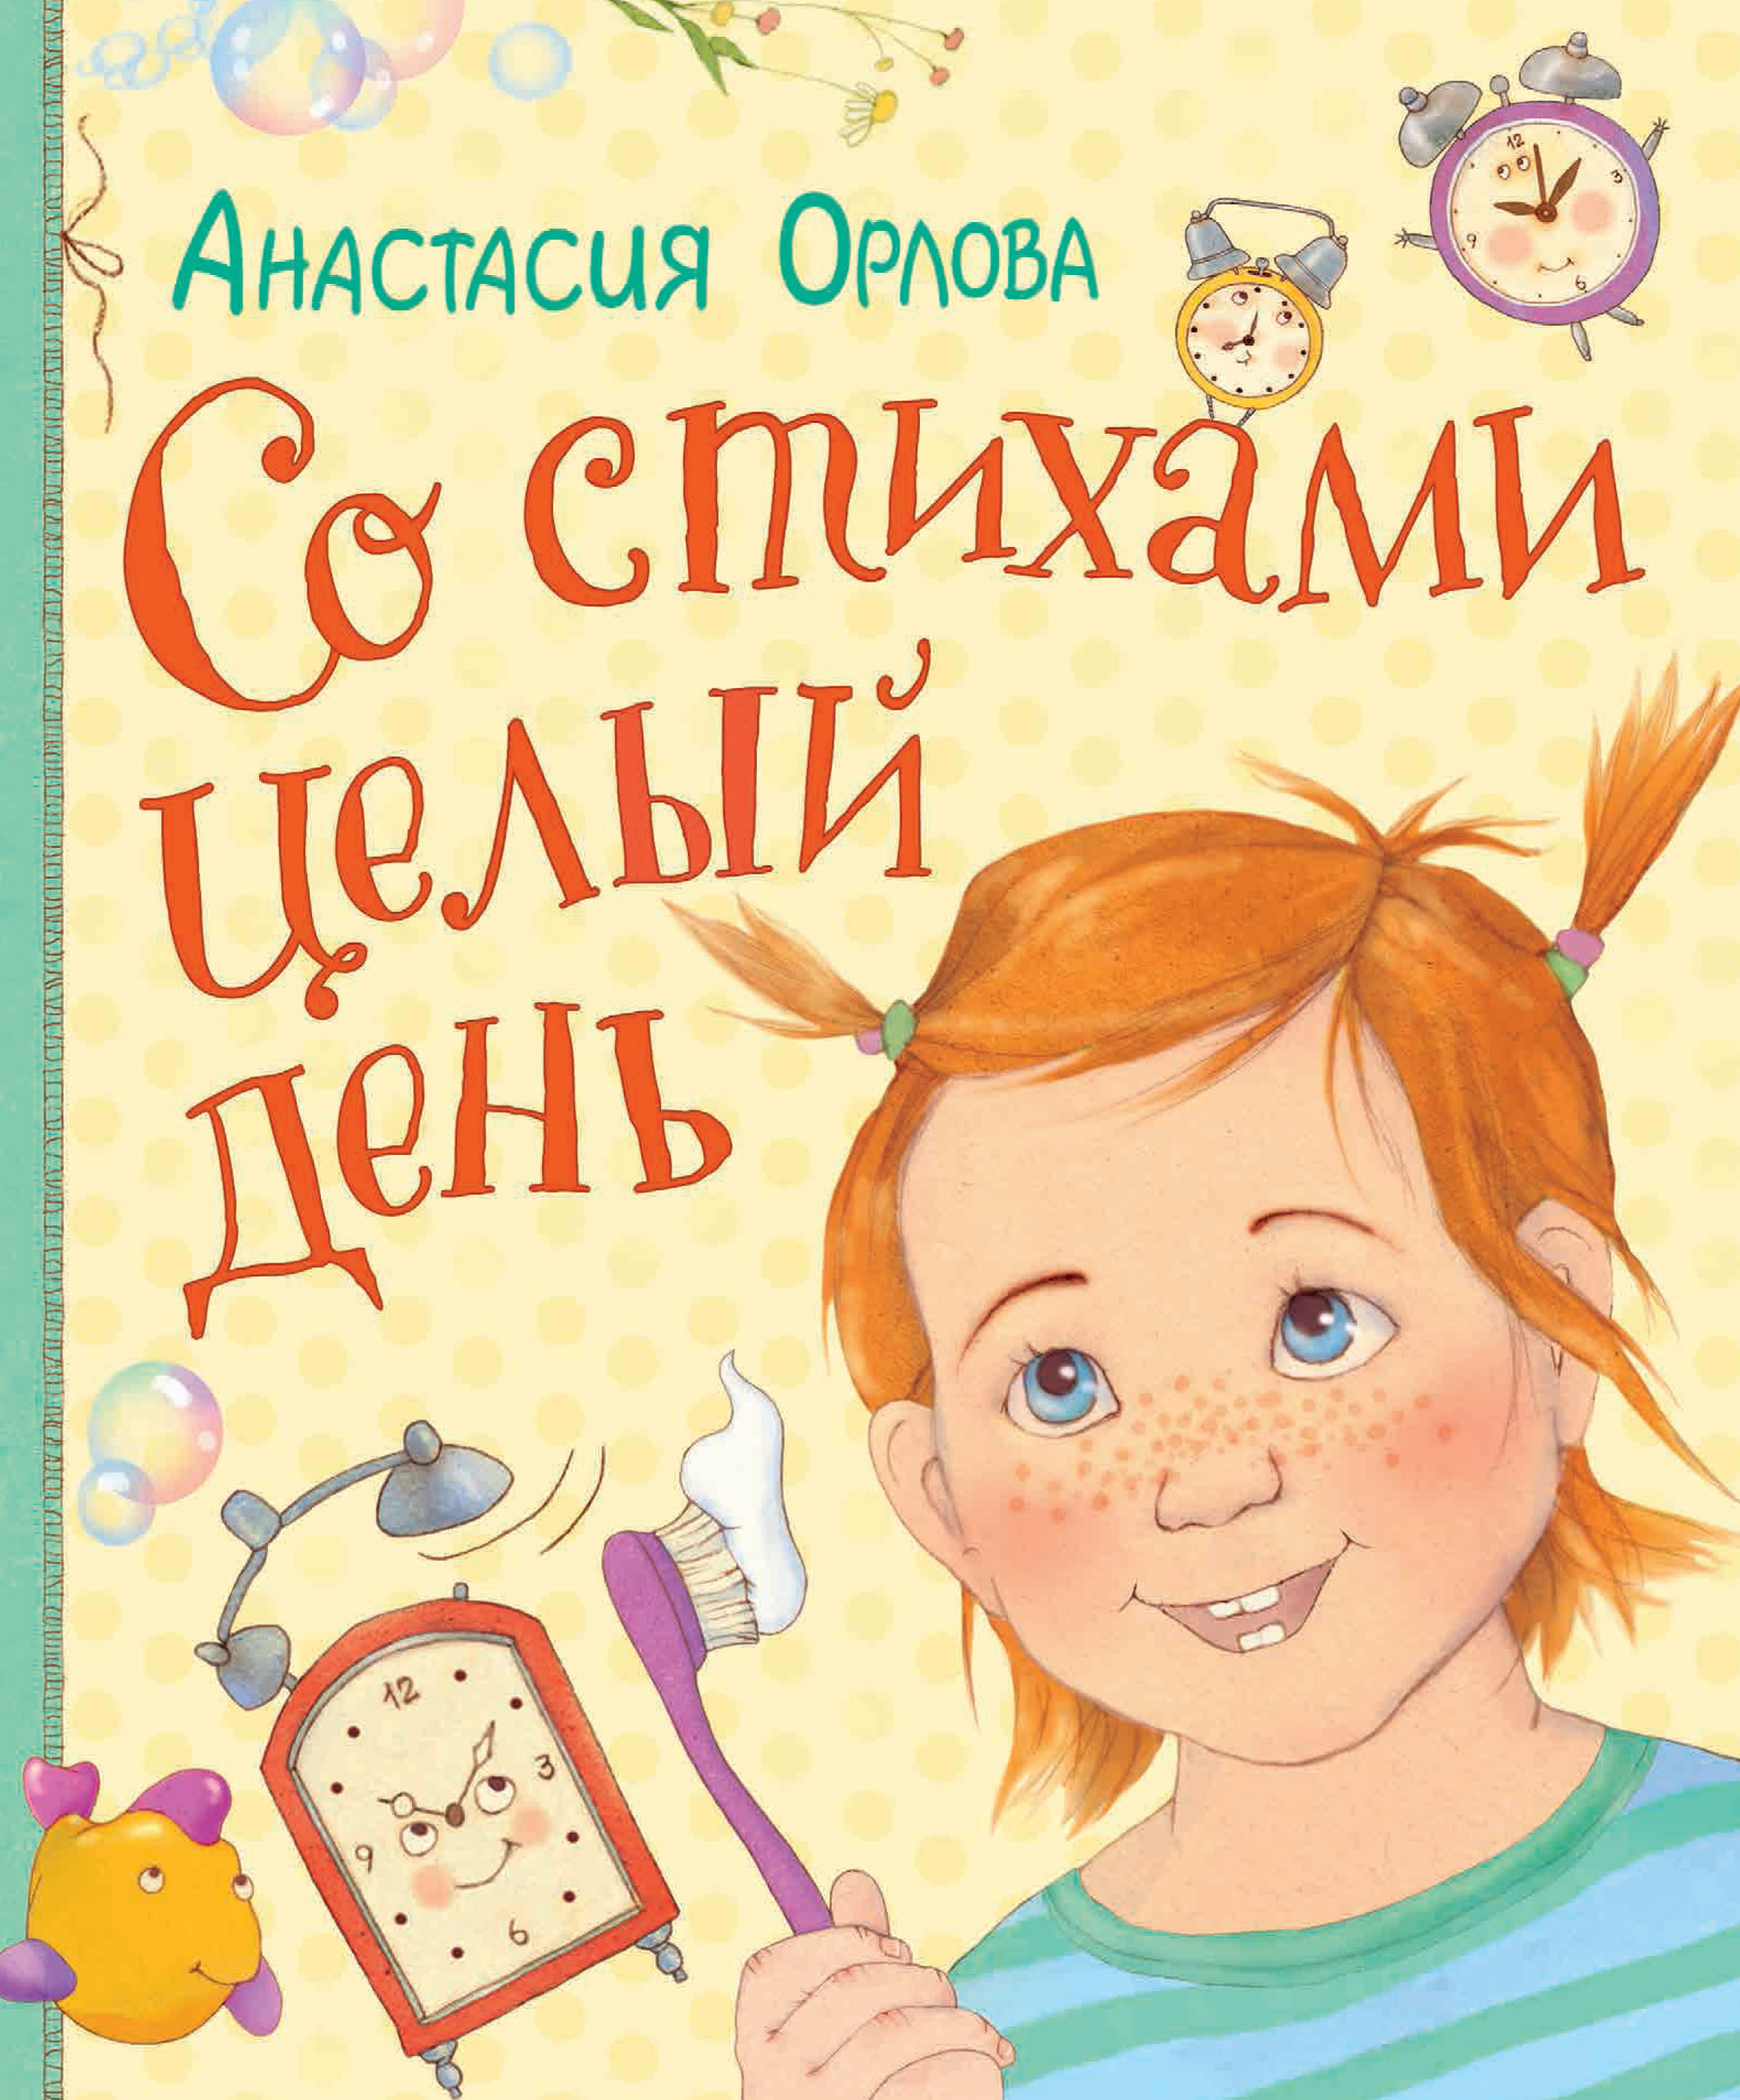 Анастасия Орлова Со стихами целый день анастасия орлова малышам